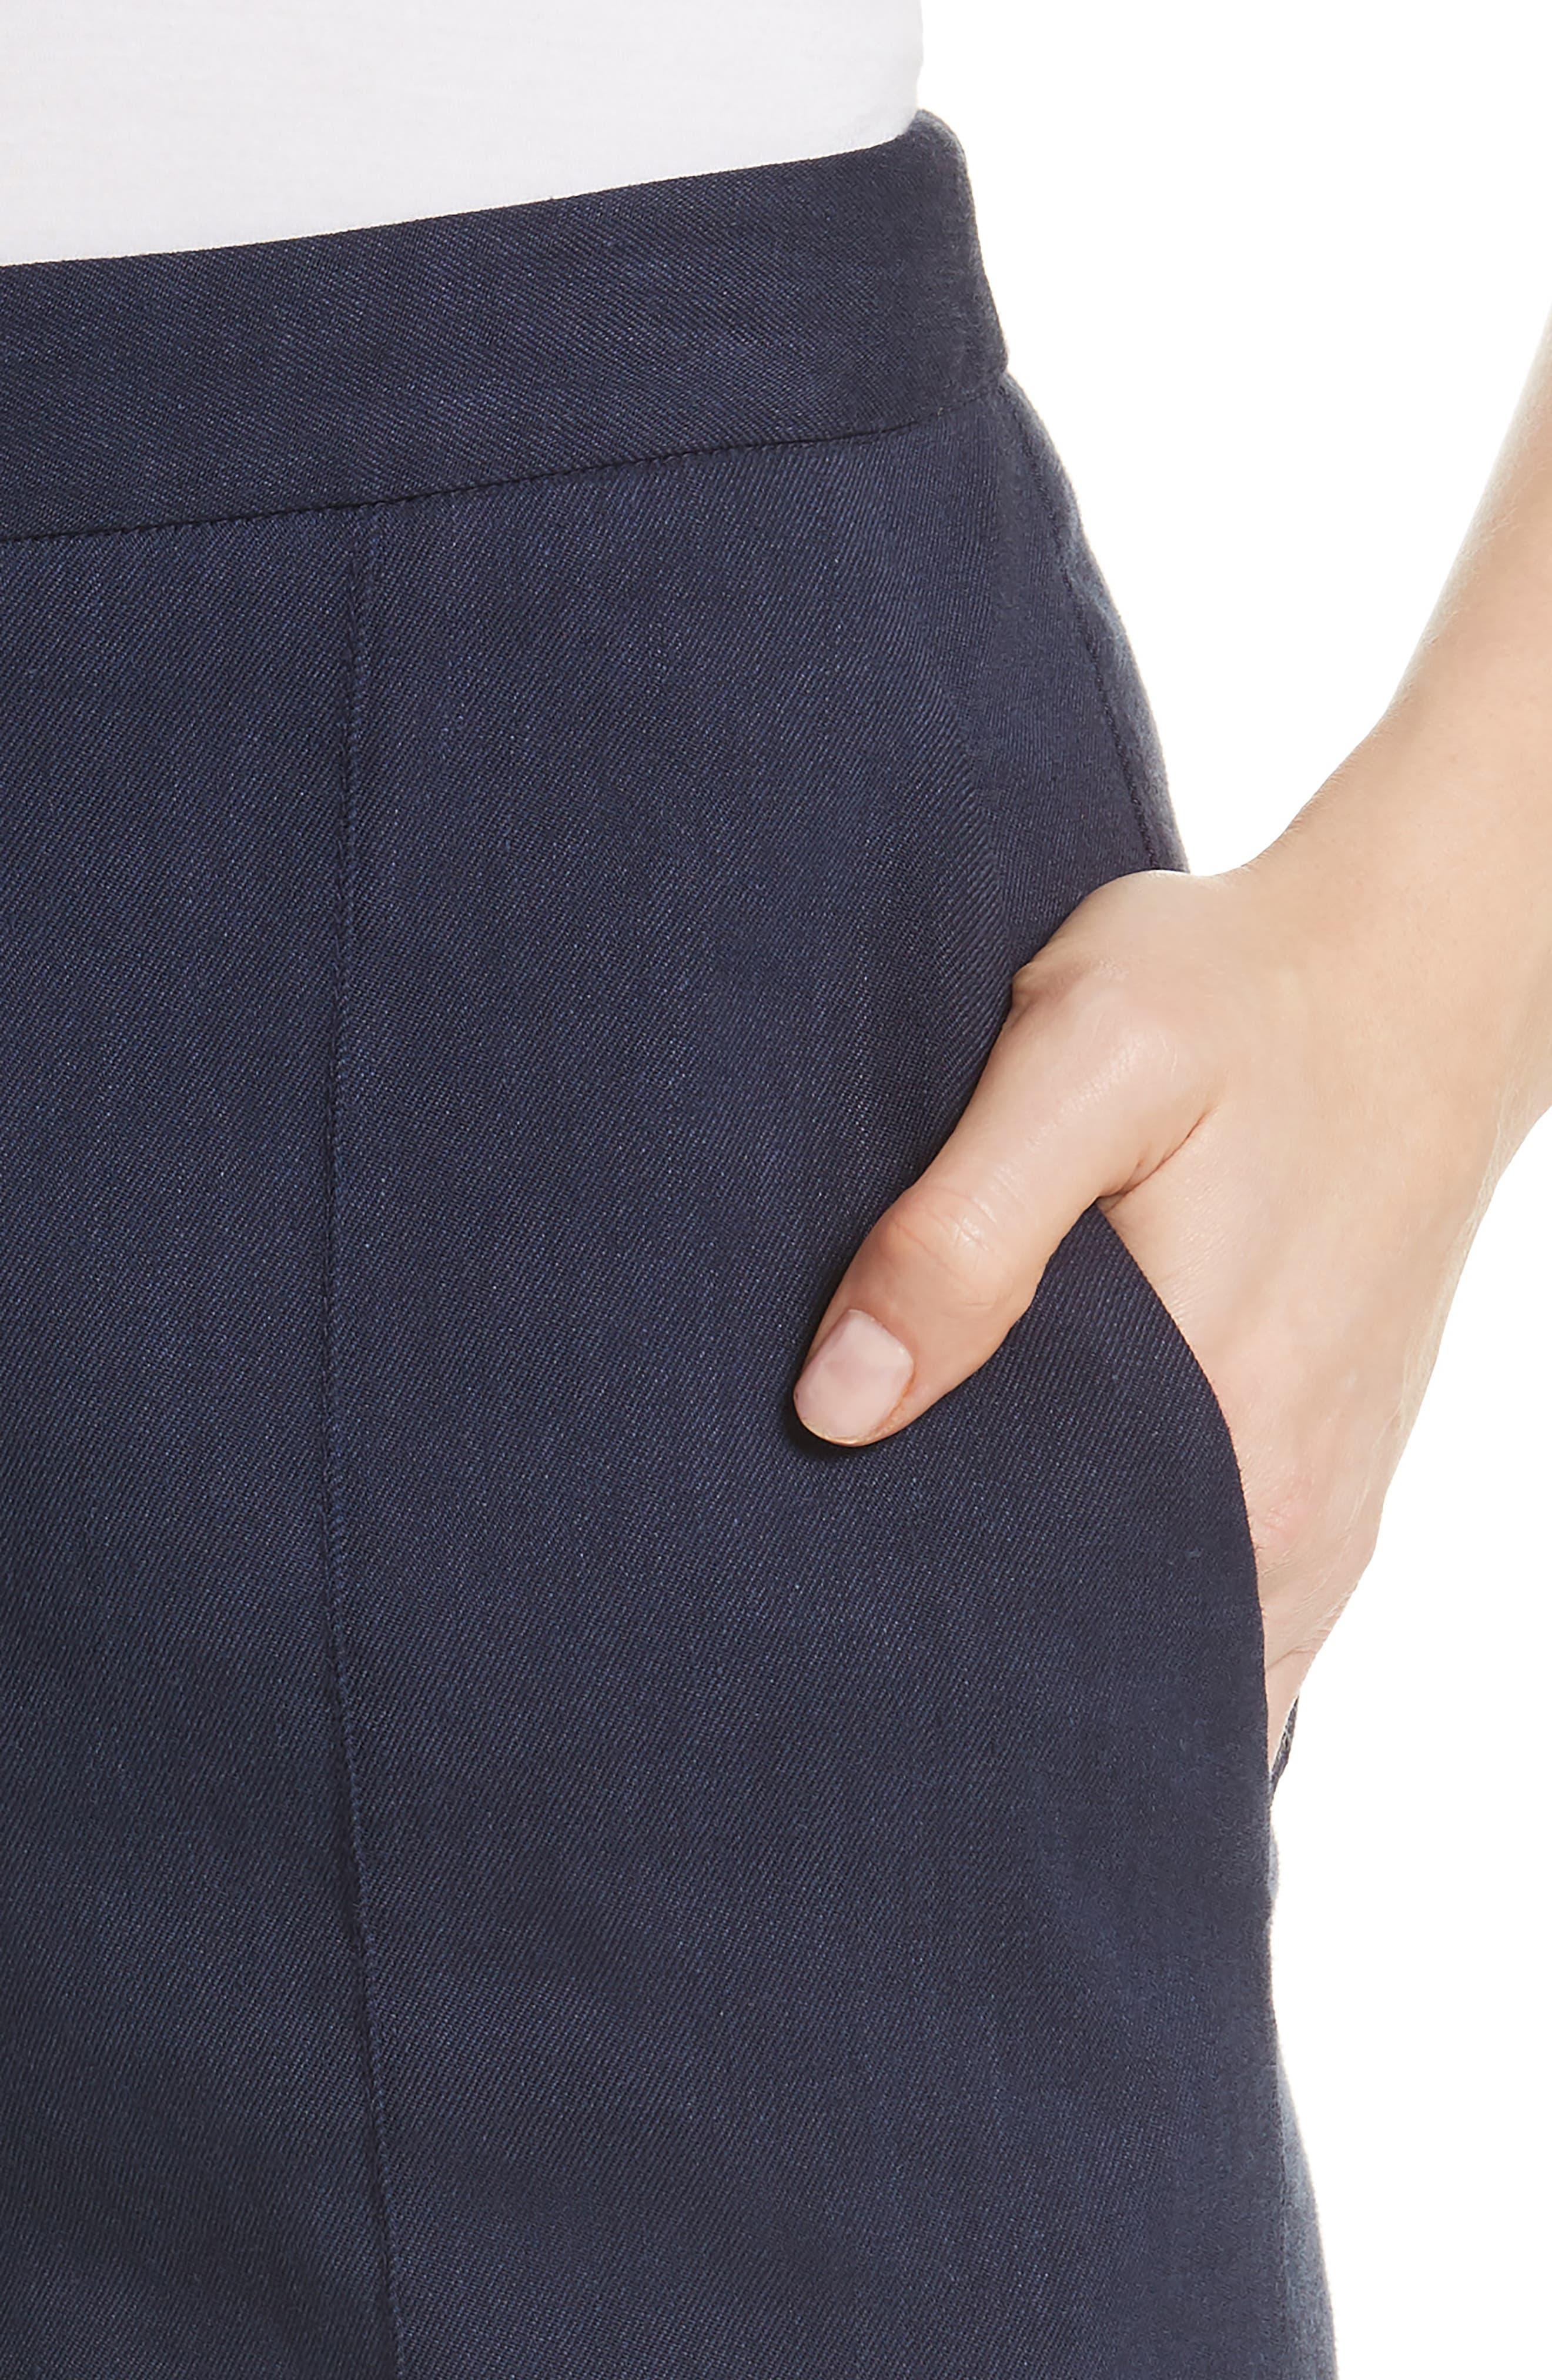 Diane von Furstenberg Pleat Front Flare Stretch Linen Blend Pants,                             Alternate thumbnail 4, color,                             485